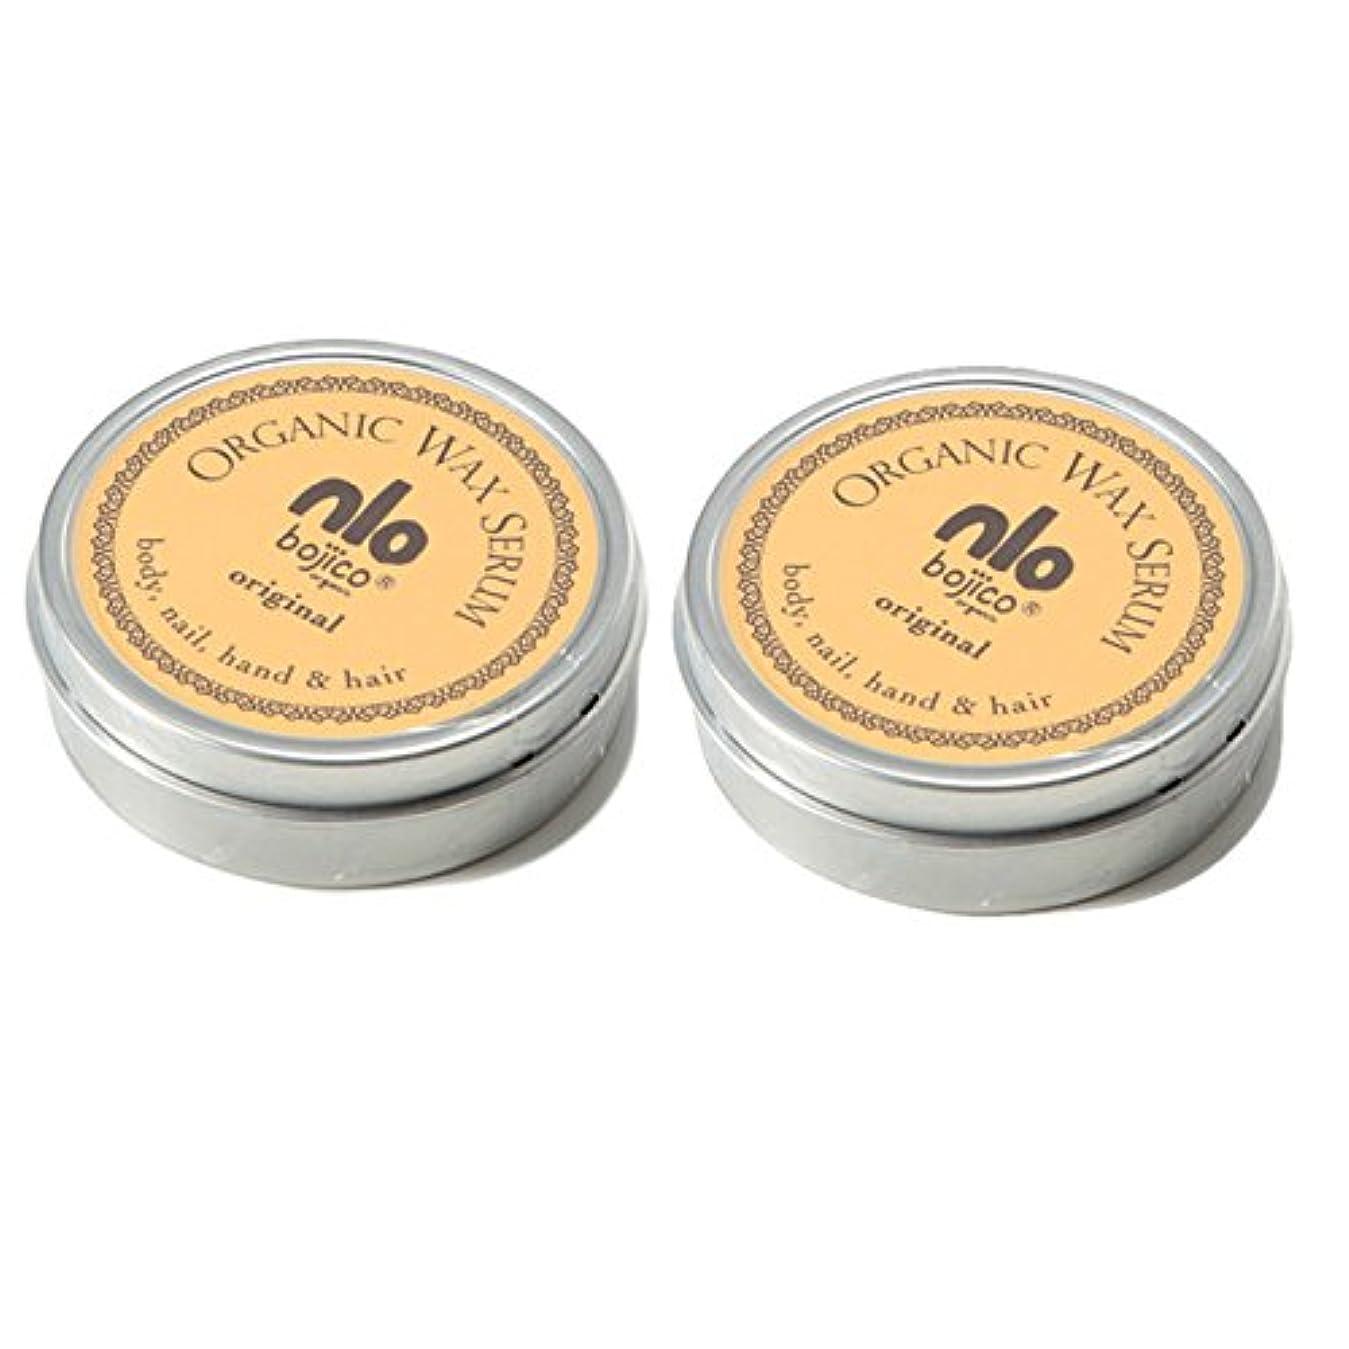 間違いなくアライメント熱【40g×2個セット】 ボジコ オーガニック ワックス セラム<オリジナル> bojico Organic Wax Serum 40g×2